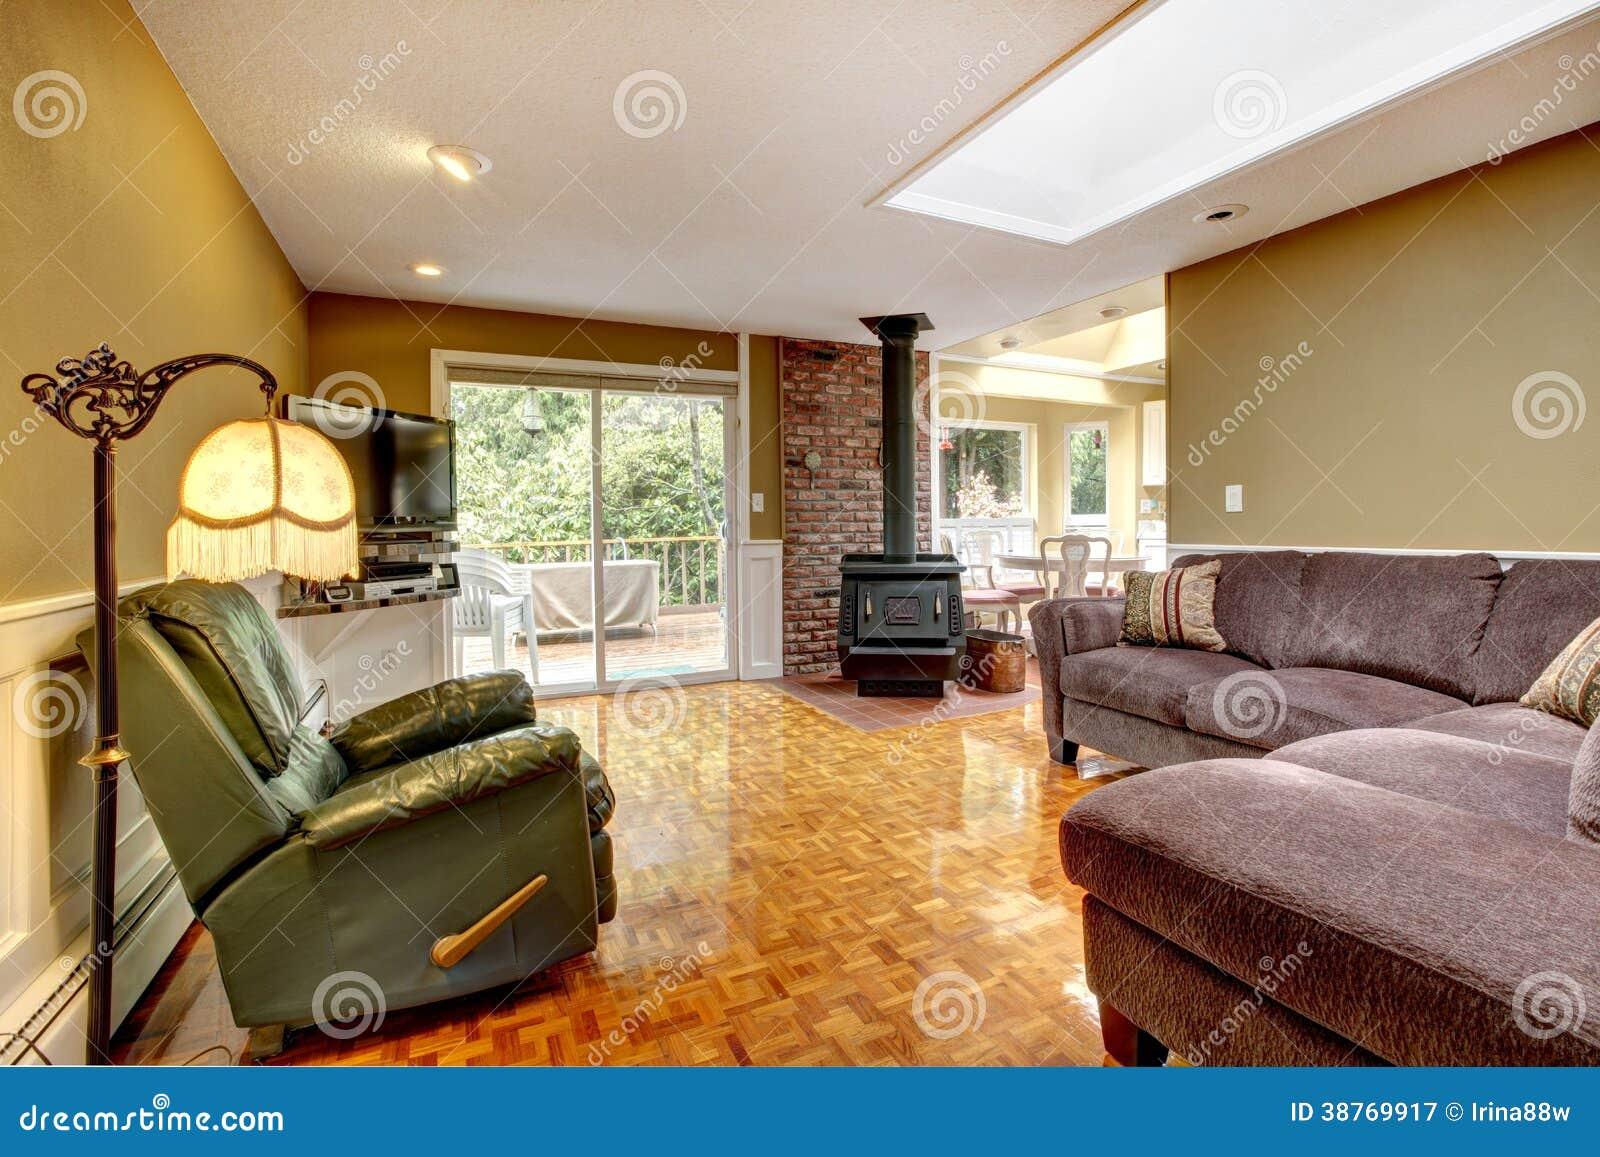 olivgr nes wohnzimmer mit antikem ofen lizenzfreie stockfotografie bild 38769917. Black Bedroom Furniture Sets. Home Design Ideas